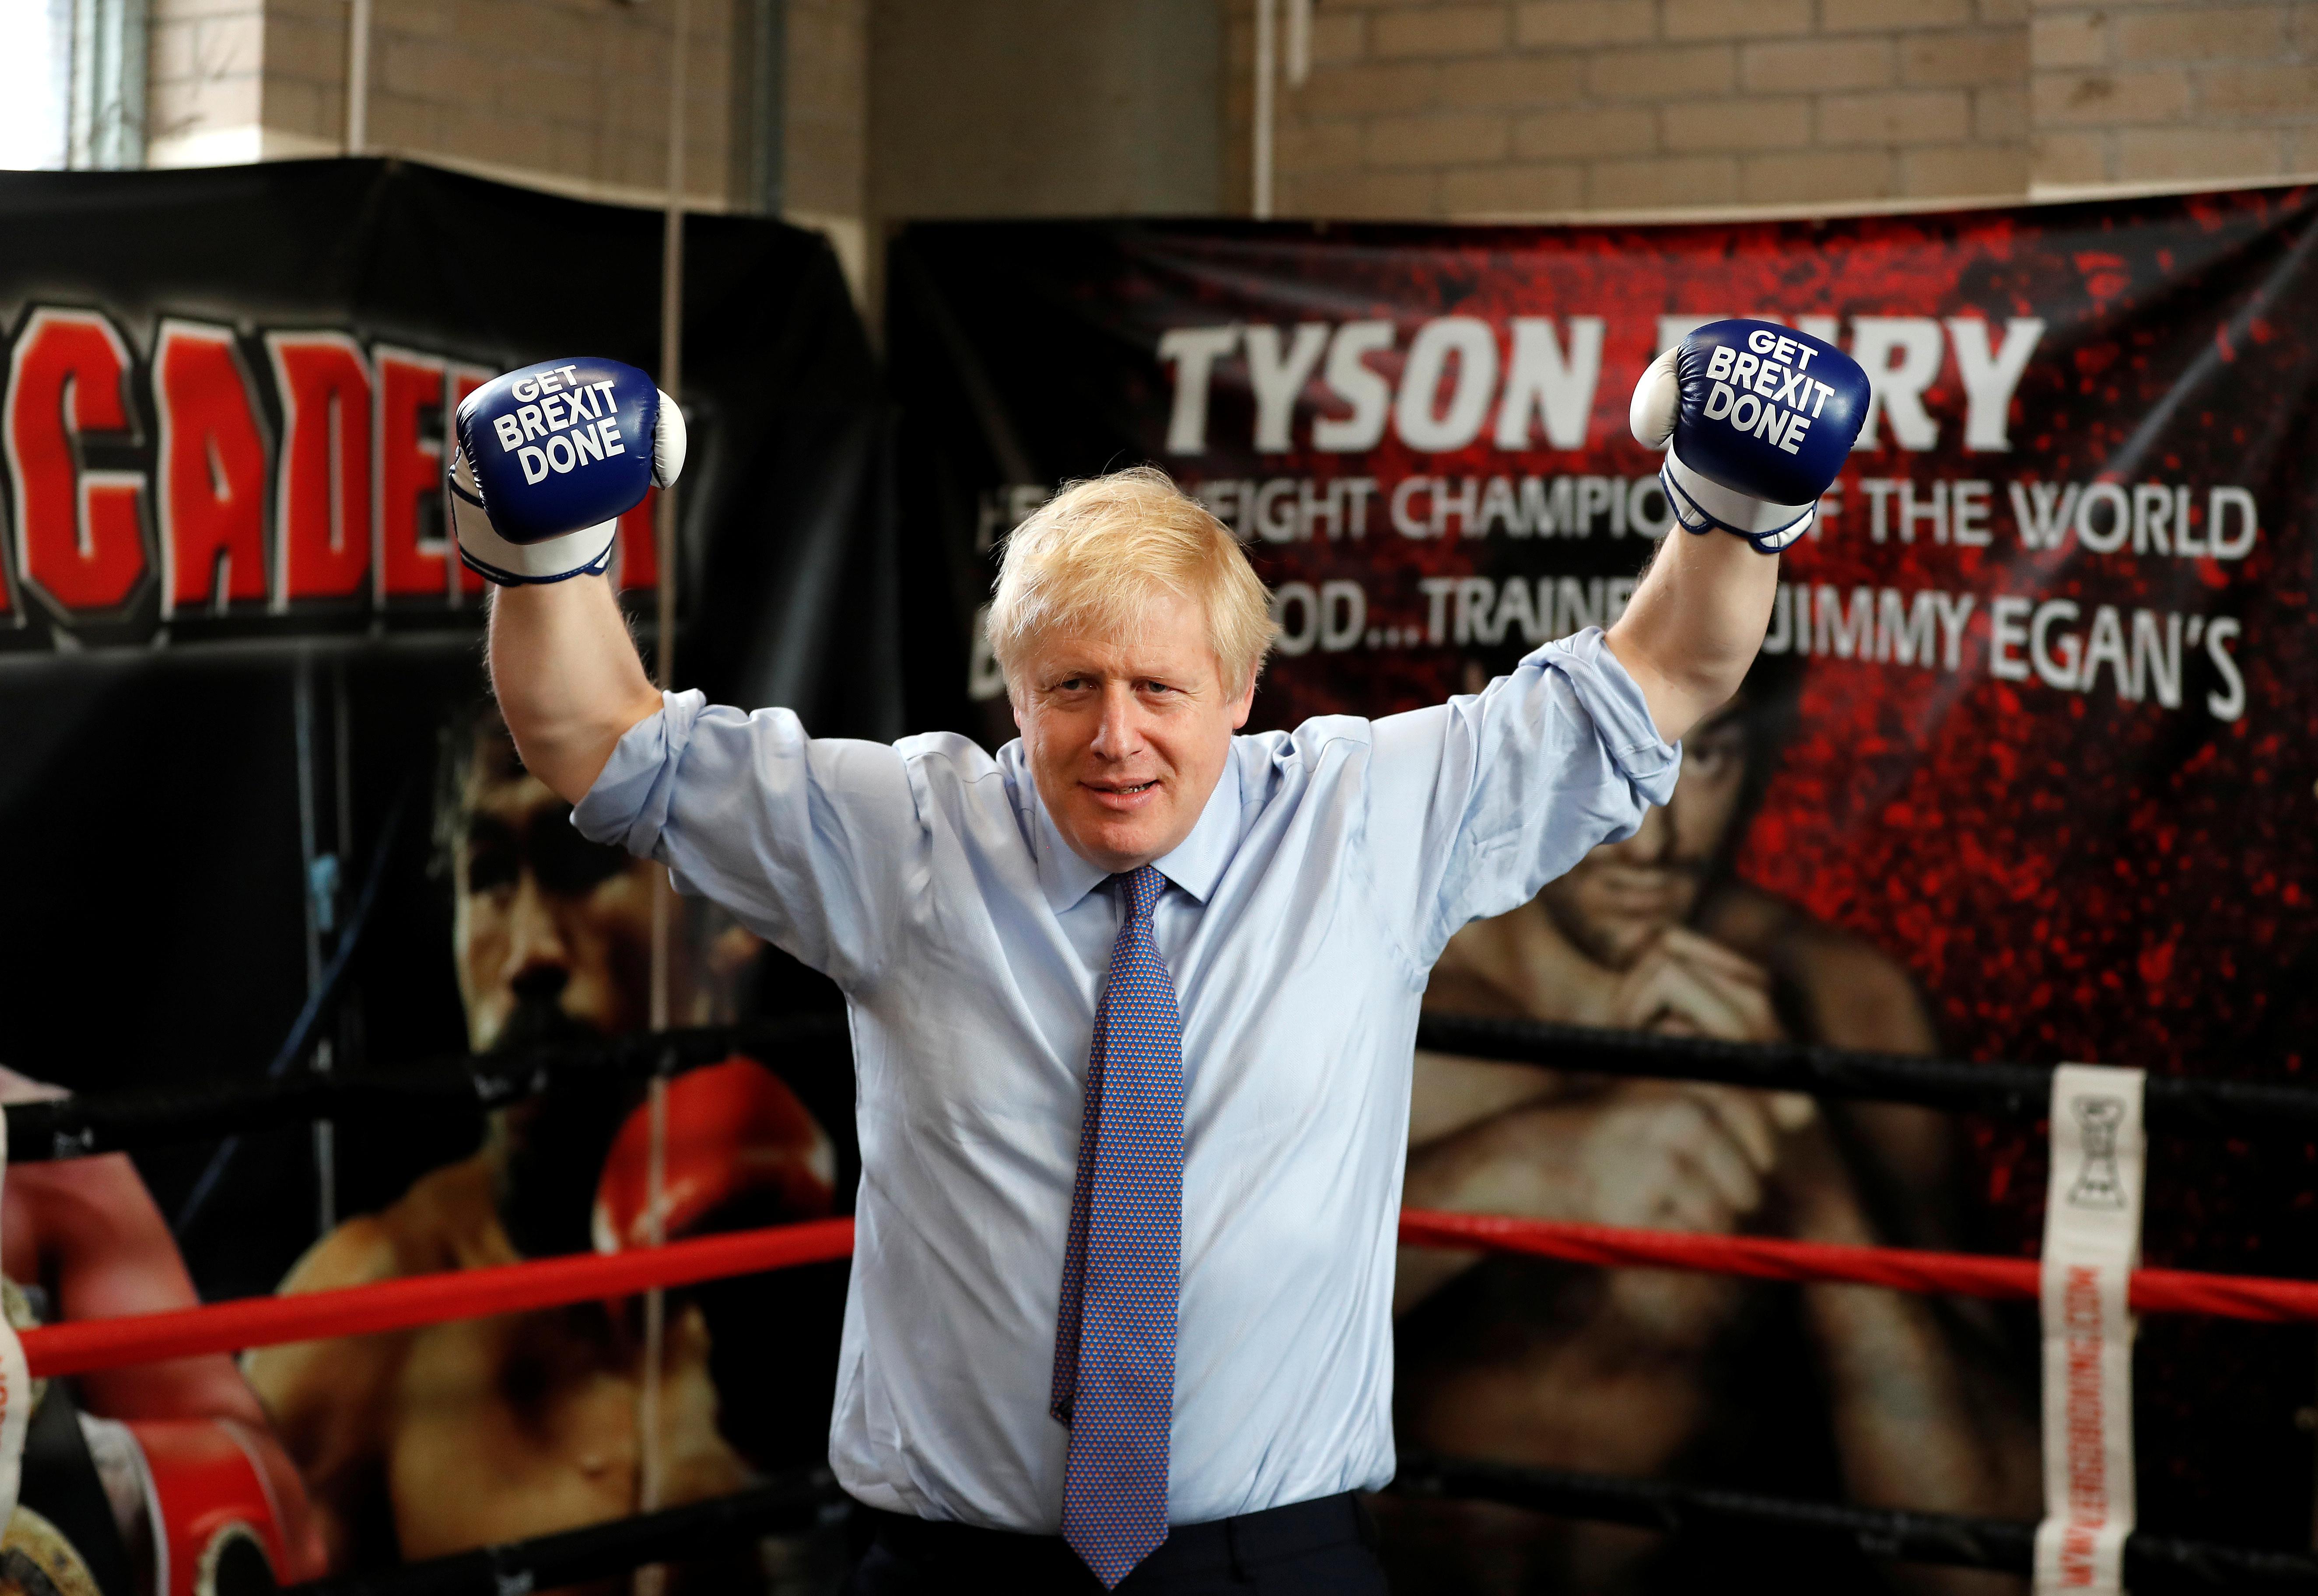 Βρετανία: «Καλπάζει» ο Τζόνσον σε νέα δημοσκόπηση – Μπροστά 18 μονάδες!